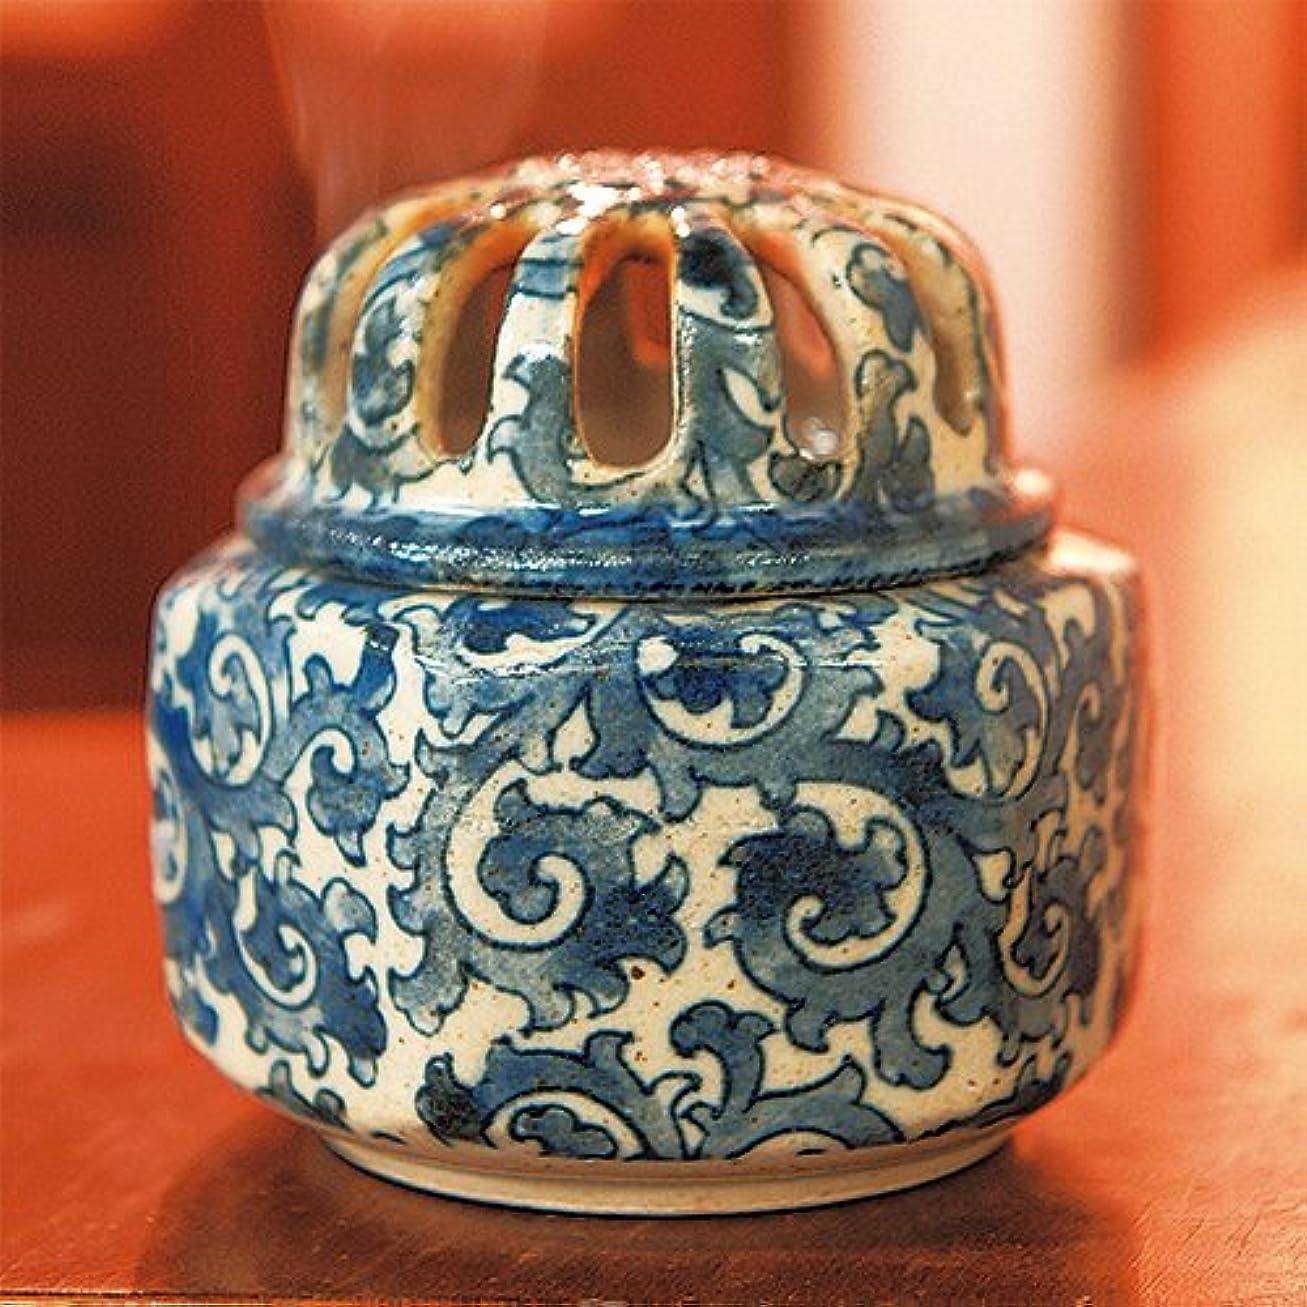 作業ガウン文明香炉 土物 タコ唐草 福香炉 [R8.8xH8.7cm] プレゼント ギフト 和食器 かわいい インテリア